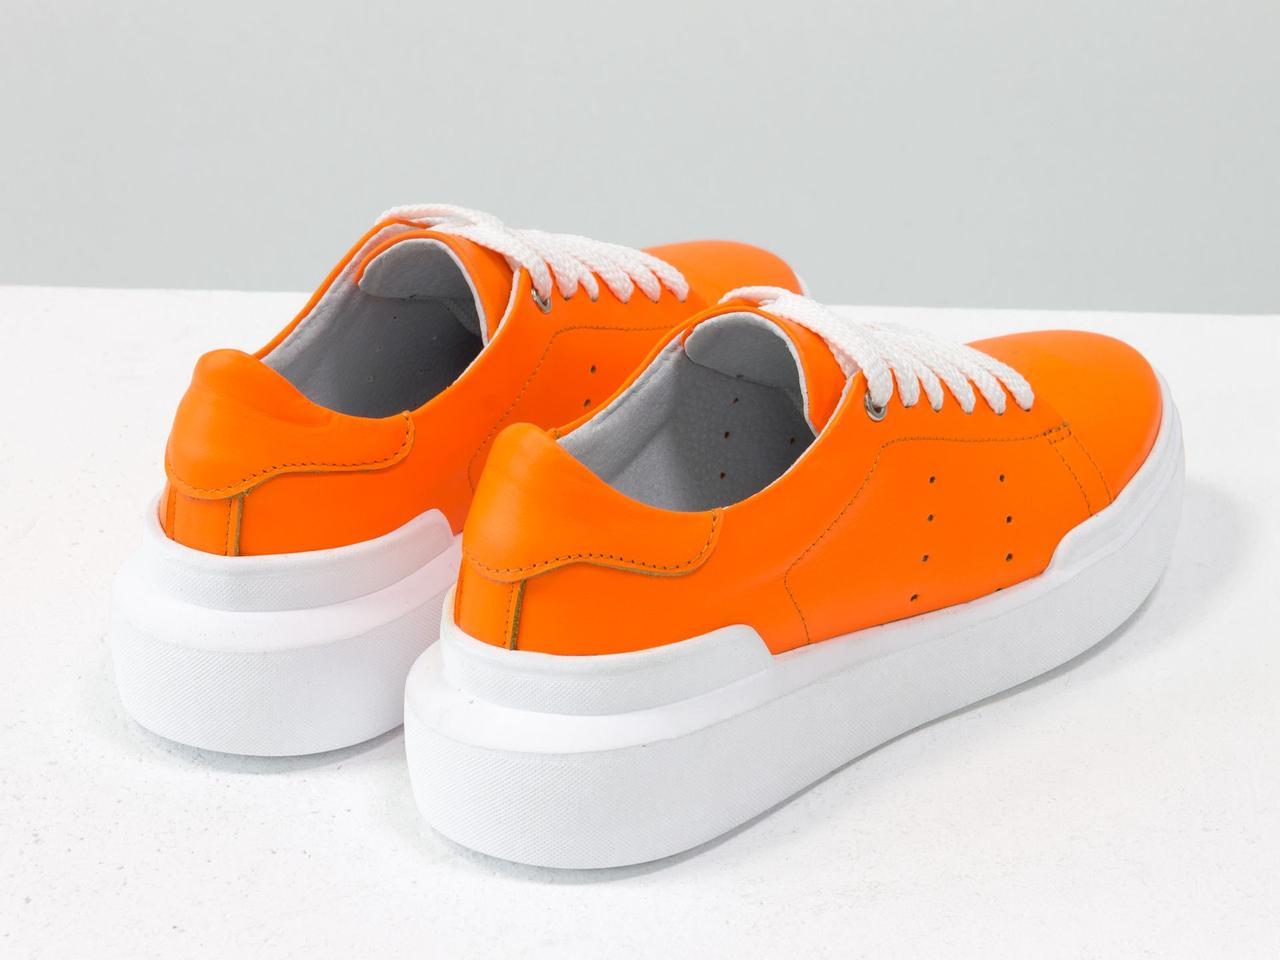 Невероятные неоновые кеды из натуральной матовой кожи ярко-оранжевого цвета 40 - фото 3